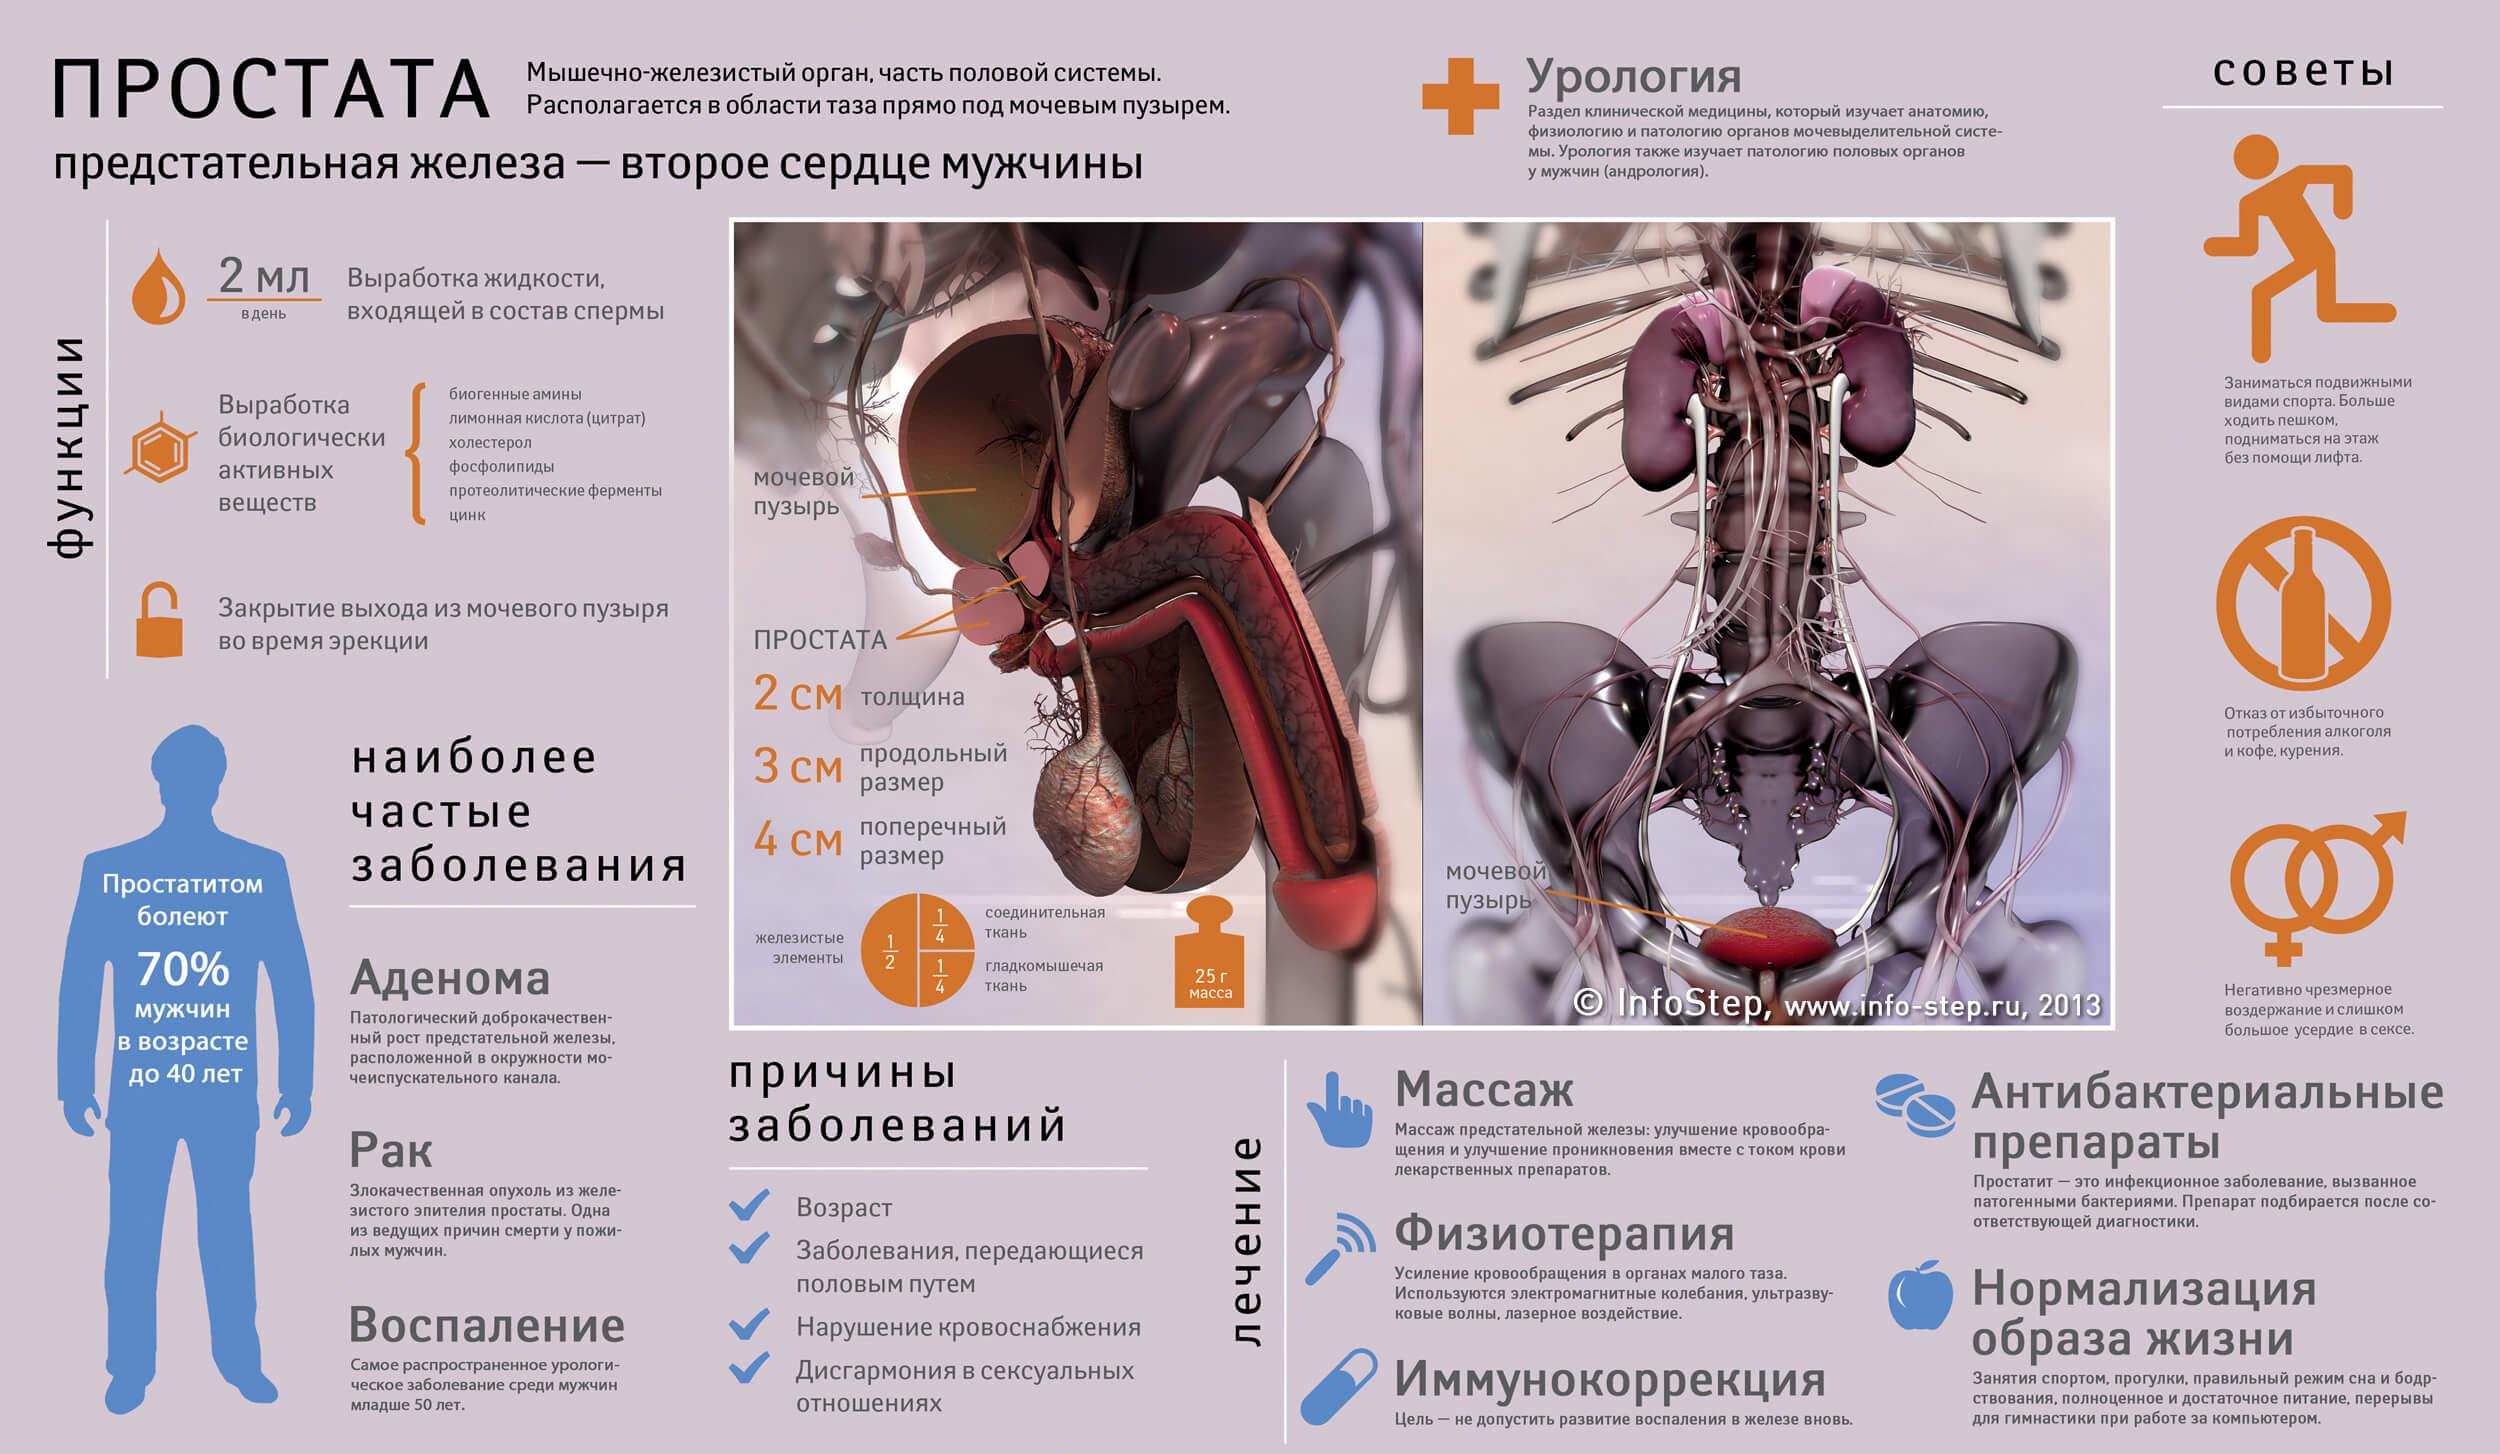 Виды болезней предстательной железы